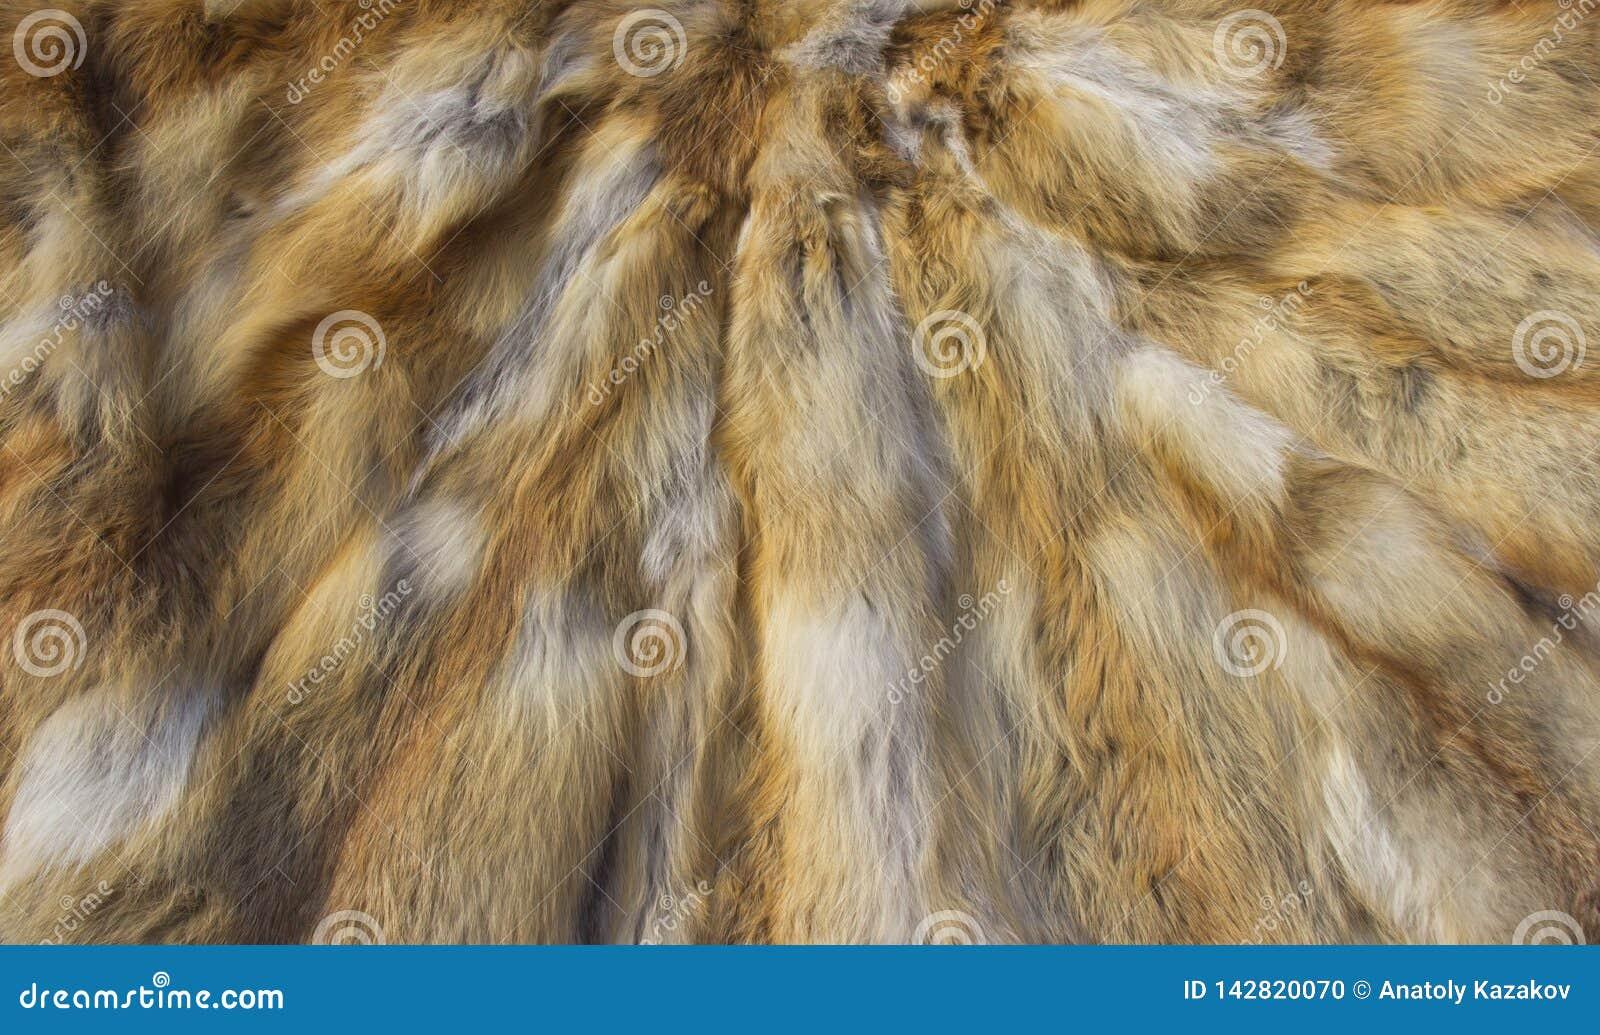 Fox skins